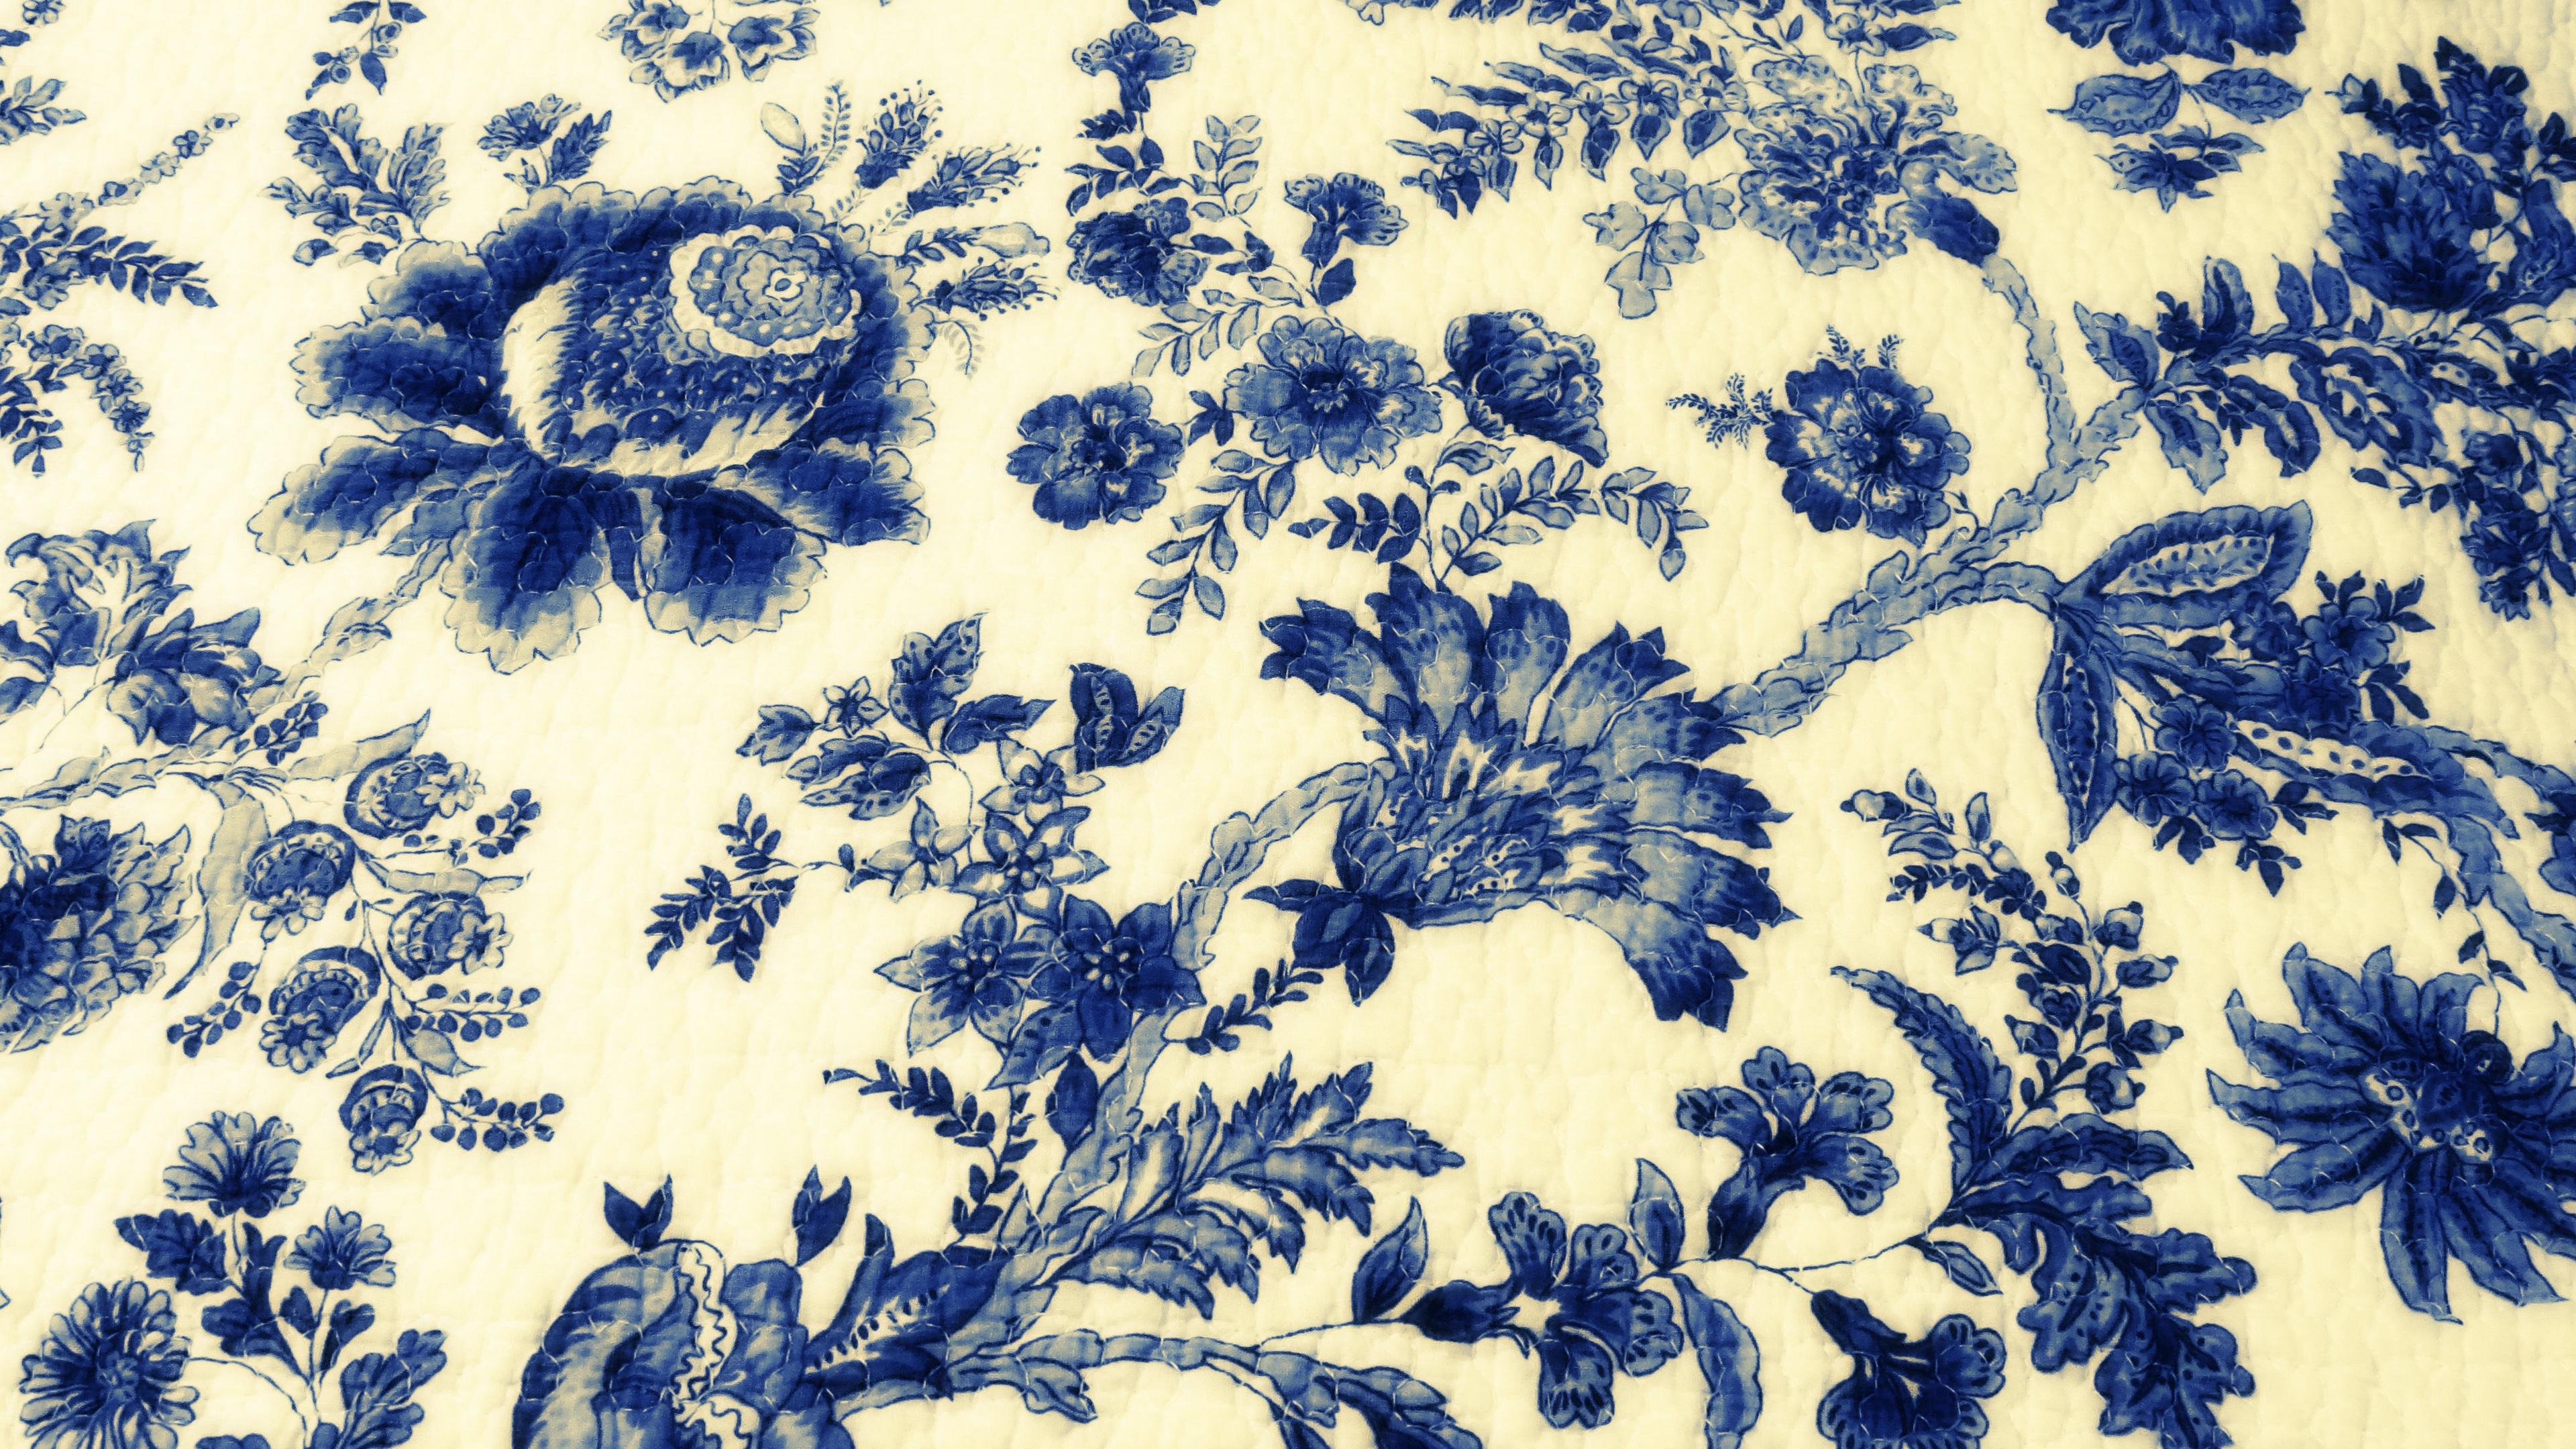 texture wallpaper patterns 4k 1536097886 - texture, wallpaper, patterns 4k - wallpaper, Texture, patterns